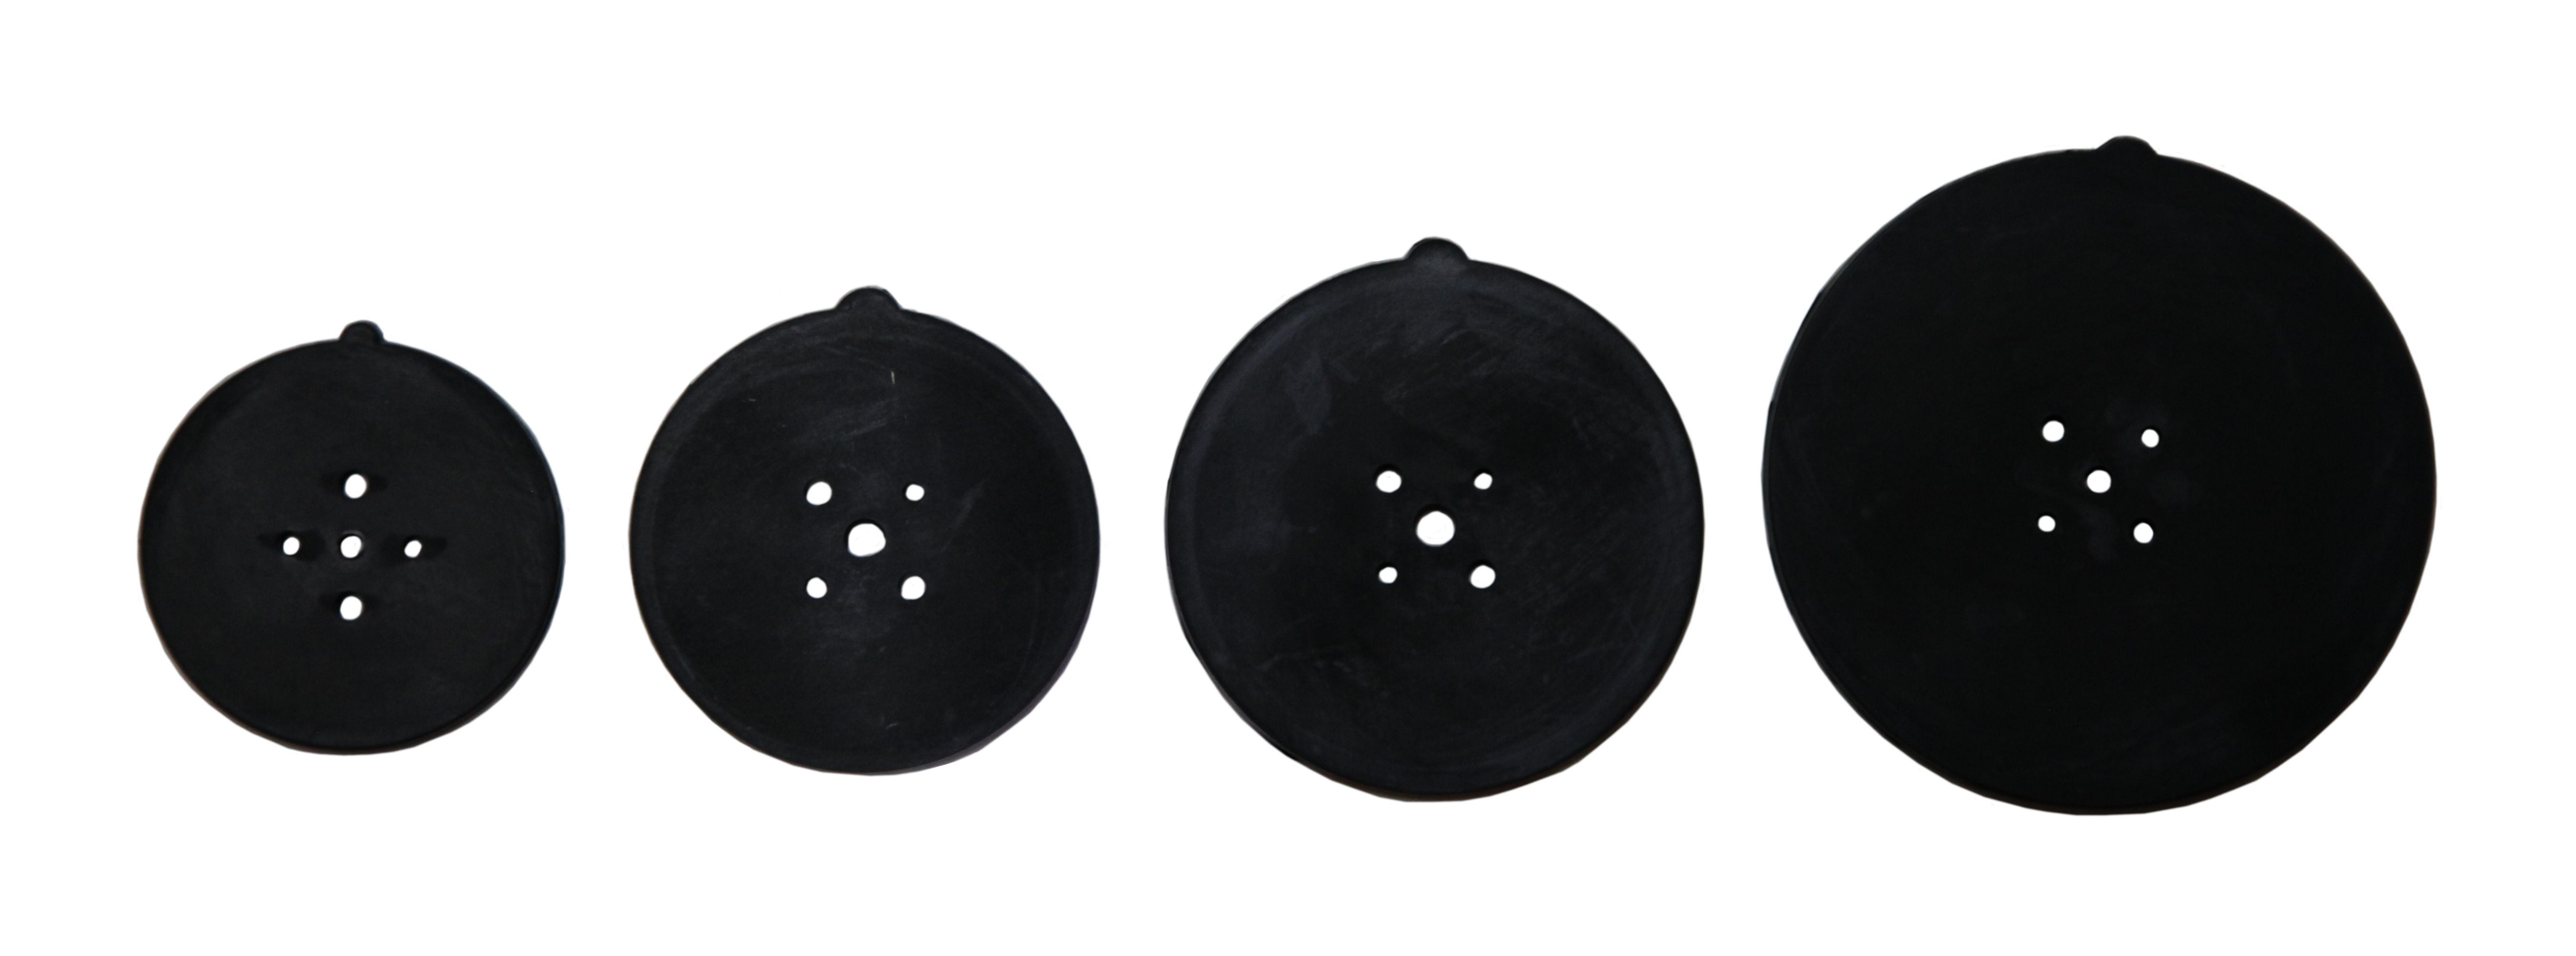 Ersatzmembran für HAP-120 dia 95 mm Anzahl Gerät 2 St.